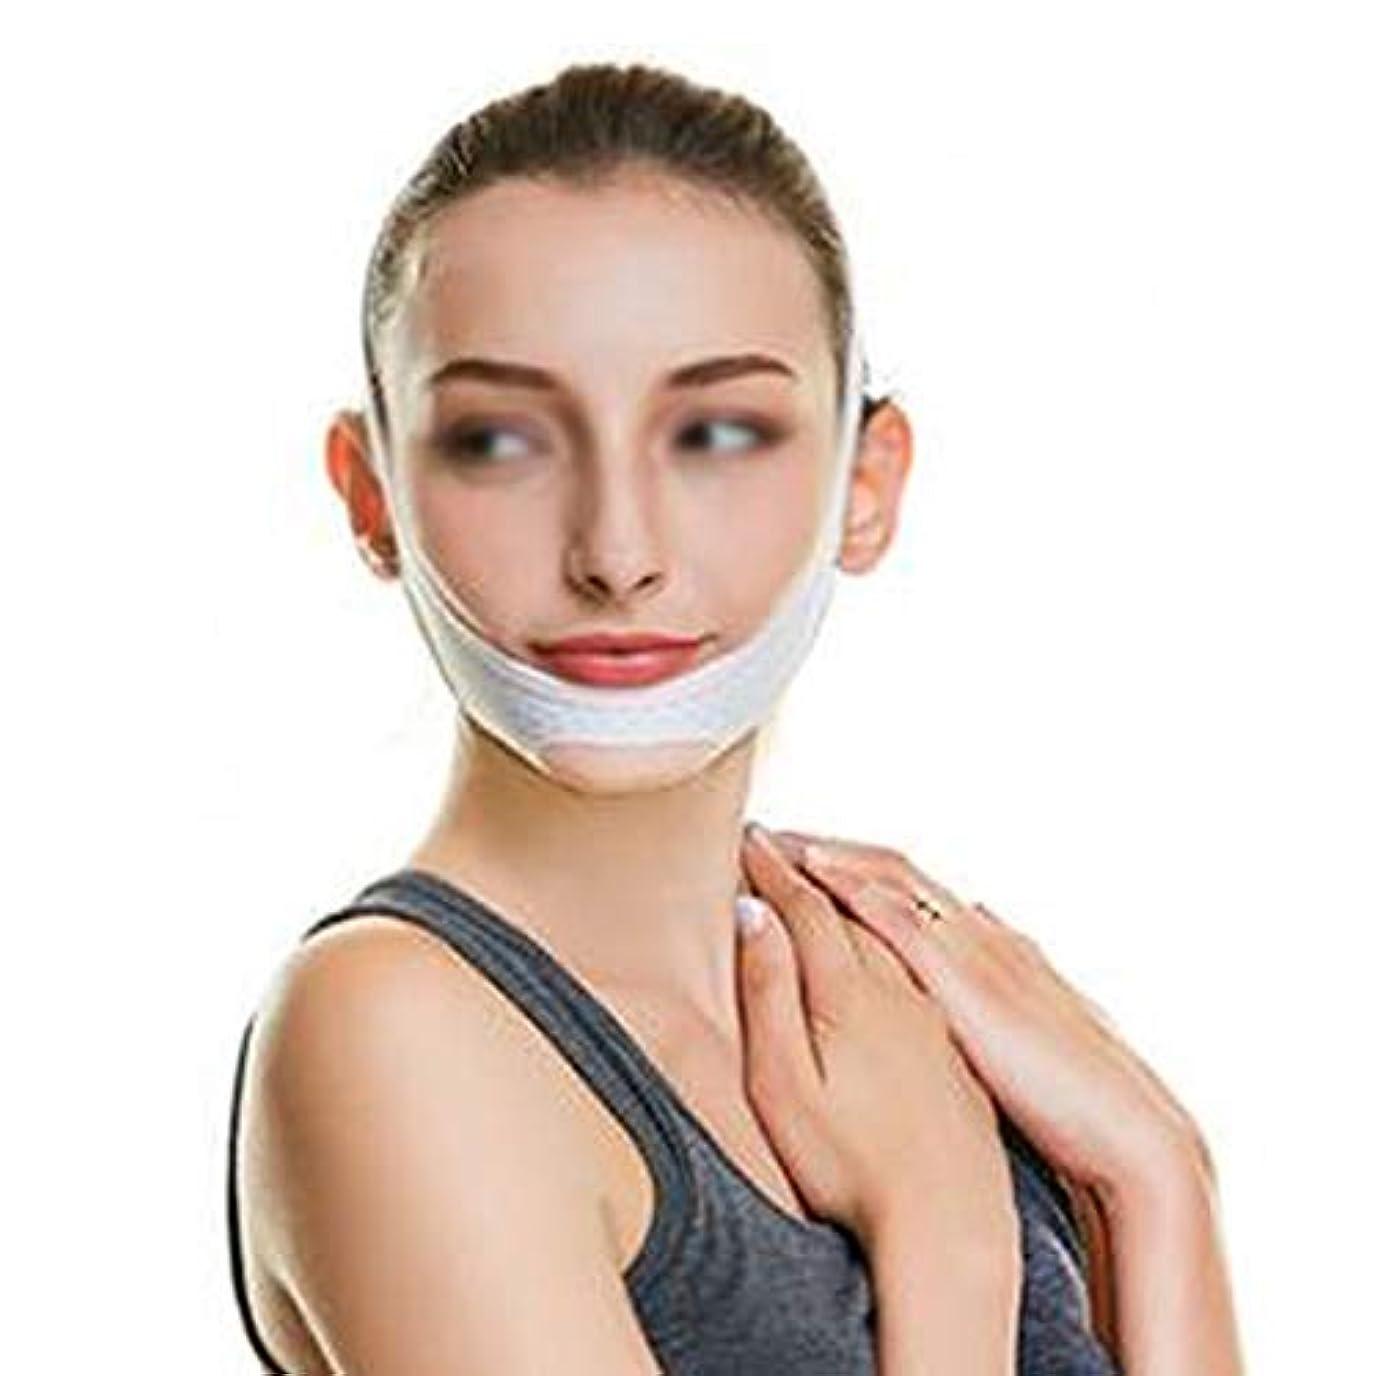 私たちのフォージあざZWBD フェイスマスク, Vフェイスアーティファクトメロンフェイスバンデージマスクを使用した薄顔